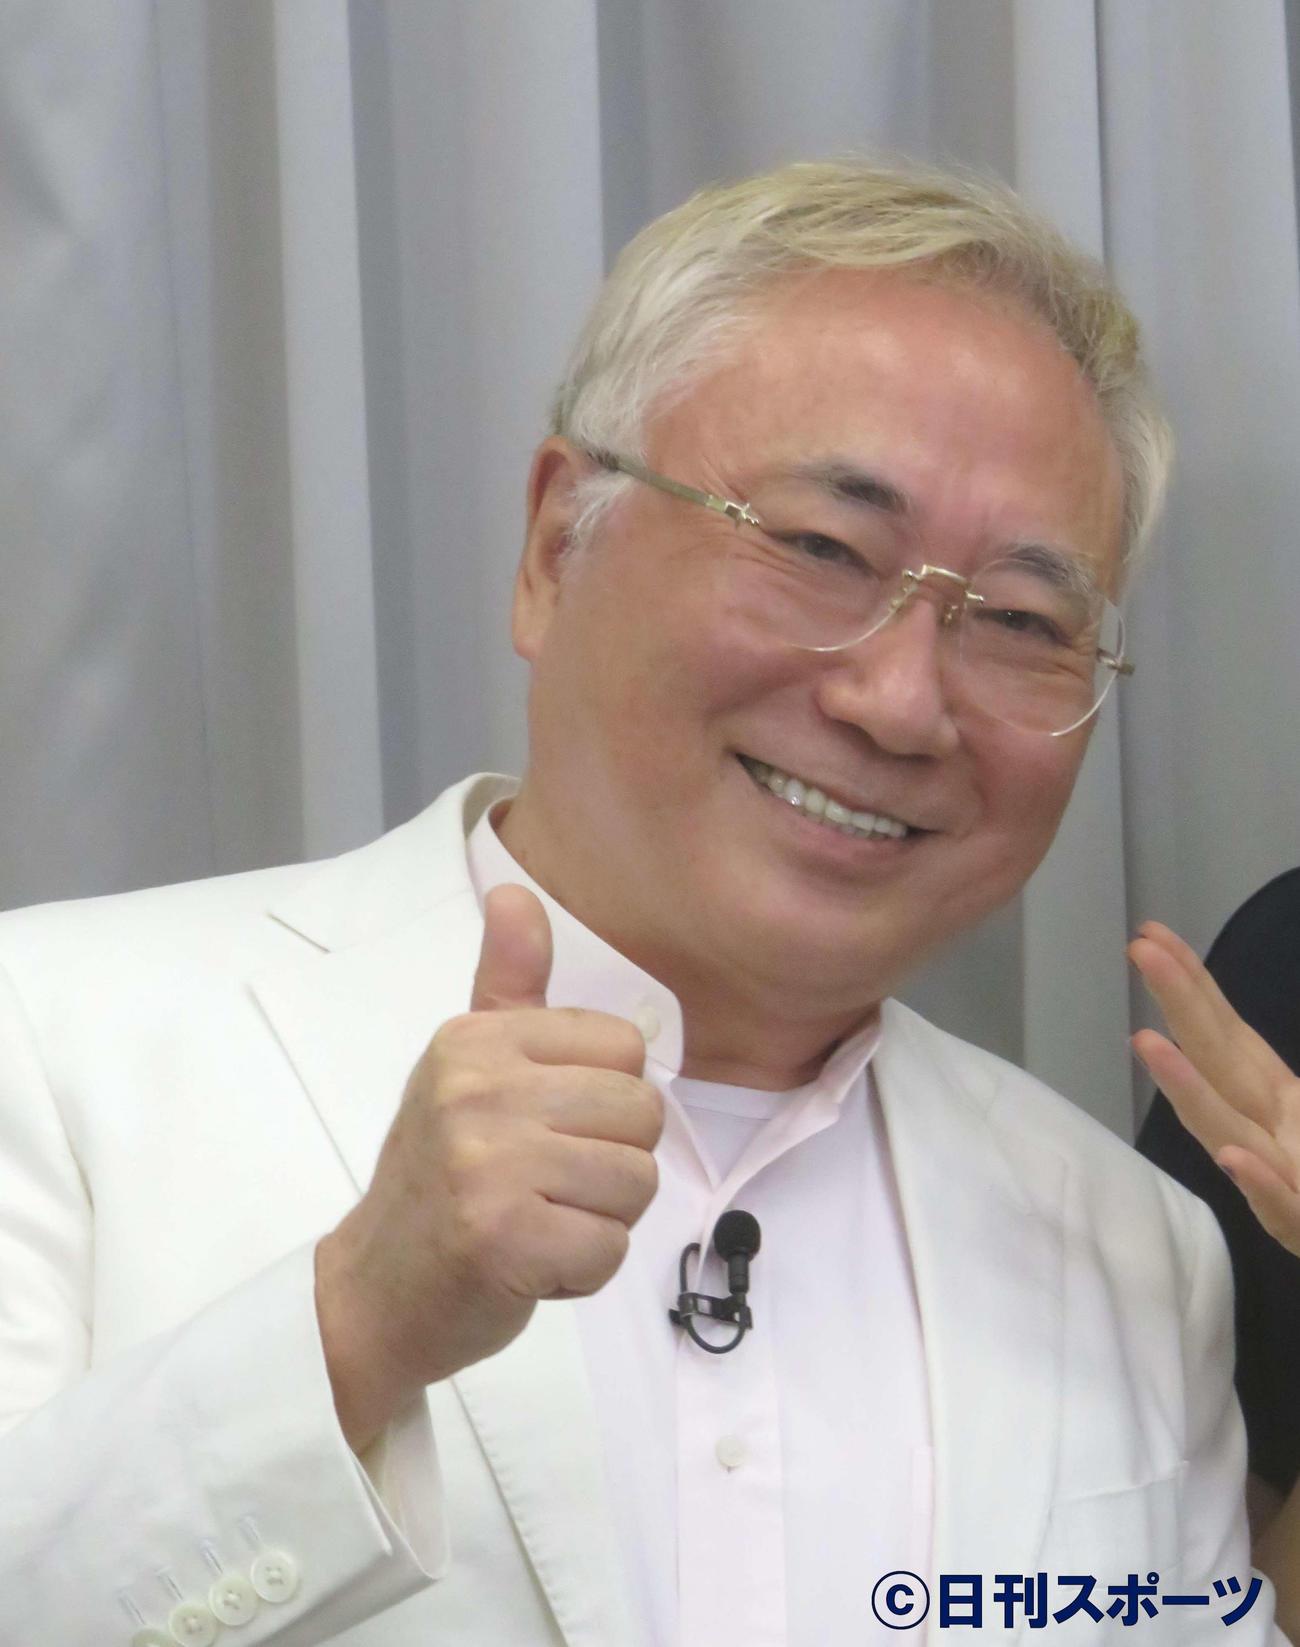 全身がん高須克弥氏、進行もコロナで手術受けられず - 芸能写真ニュース : 日刊スポーツ